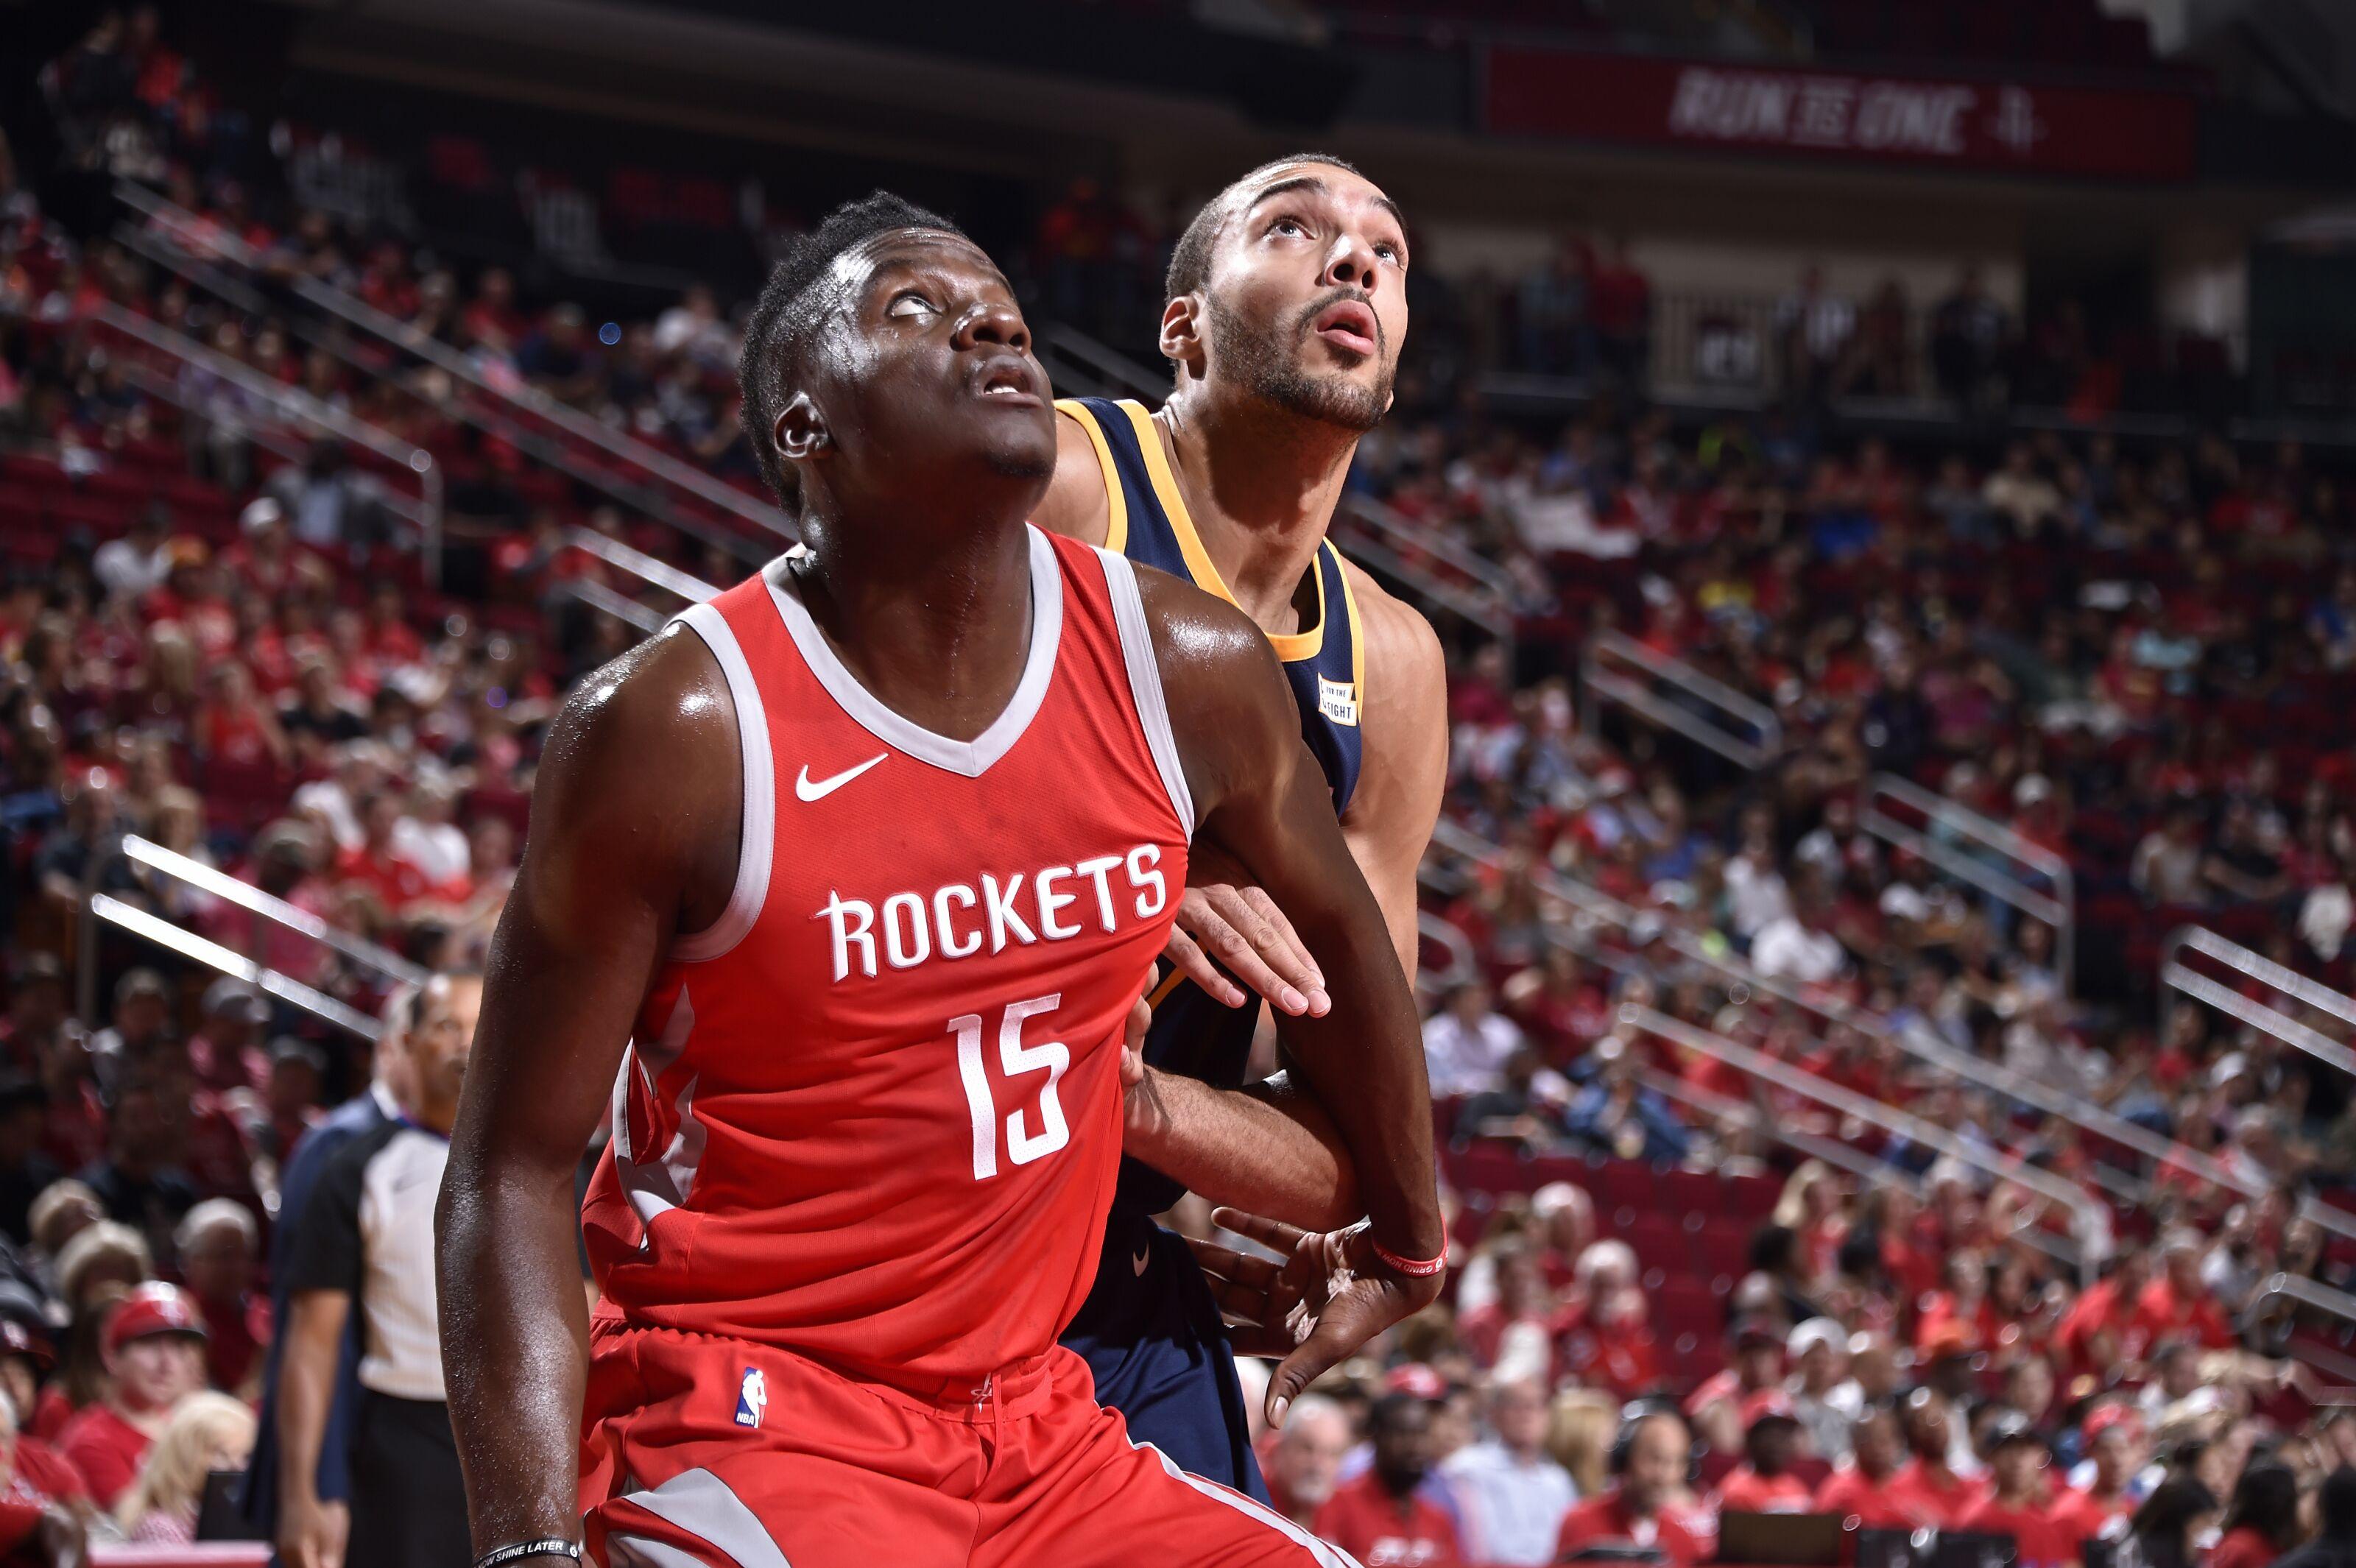 我的垃圾話讓Gobert生氣了!Capela:我說你能來一個轉身跳投嗎?-Haters-黑特籃球NBA新聞影音圖片分享社區